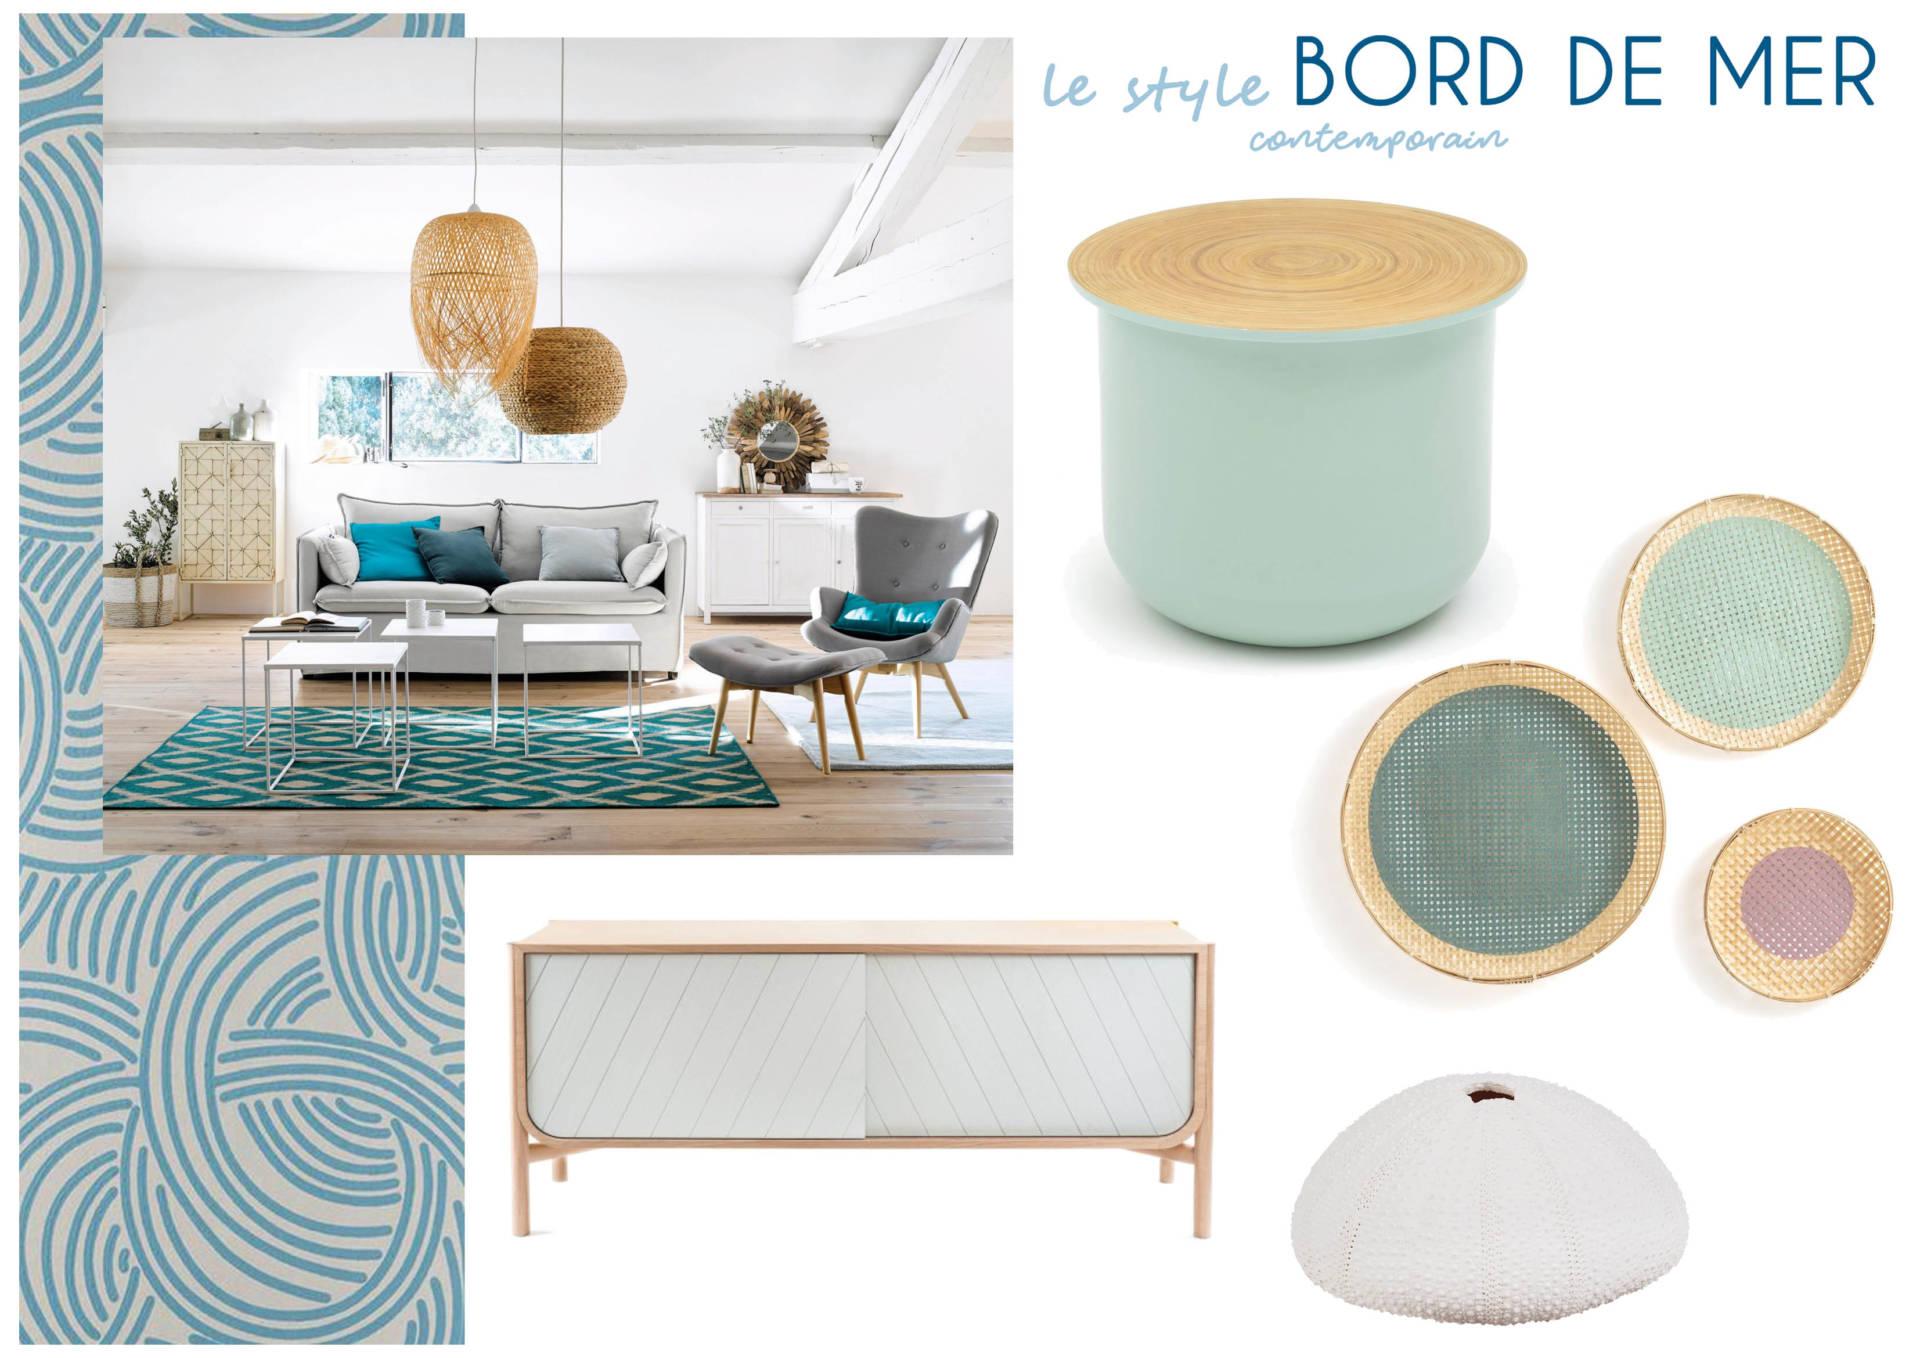 Moodboard Bord de mer - (Visite Conseil en Décoration par Anne Solenn Chérat, Décoratrice UFDI sur Lorient, Vannes, Pontivy